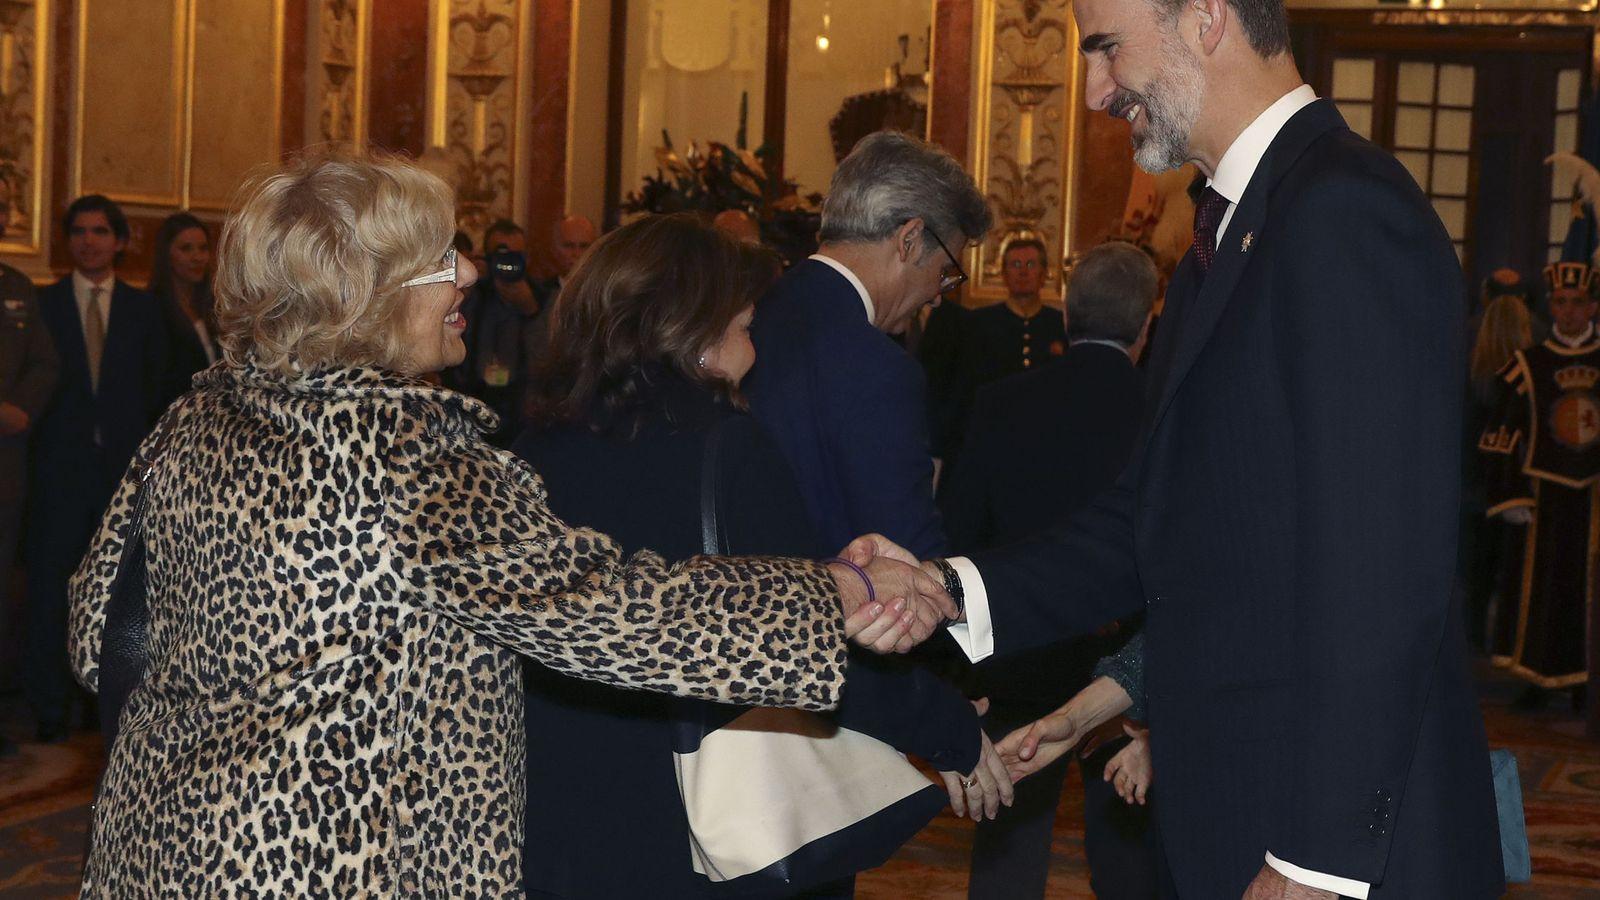 Foto: Manuela Carmena saluda al rey Felipe en el Salón de los Pasos Perdidos del Congreso de los Diputados, tras la solemne ceremonia de apertura de la XII Legislatura. (EFE)